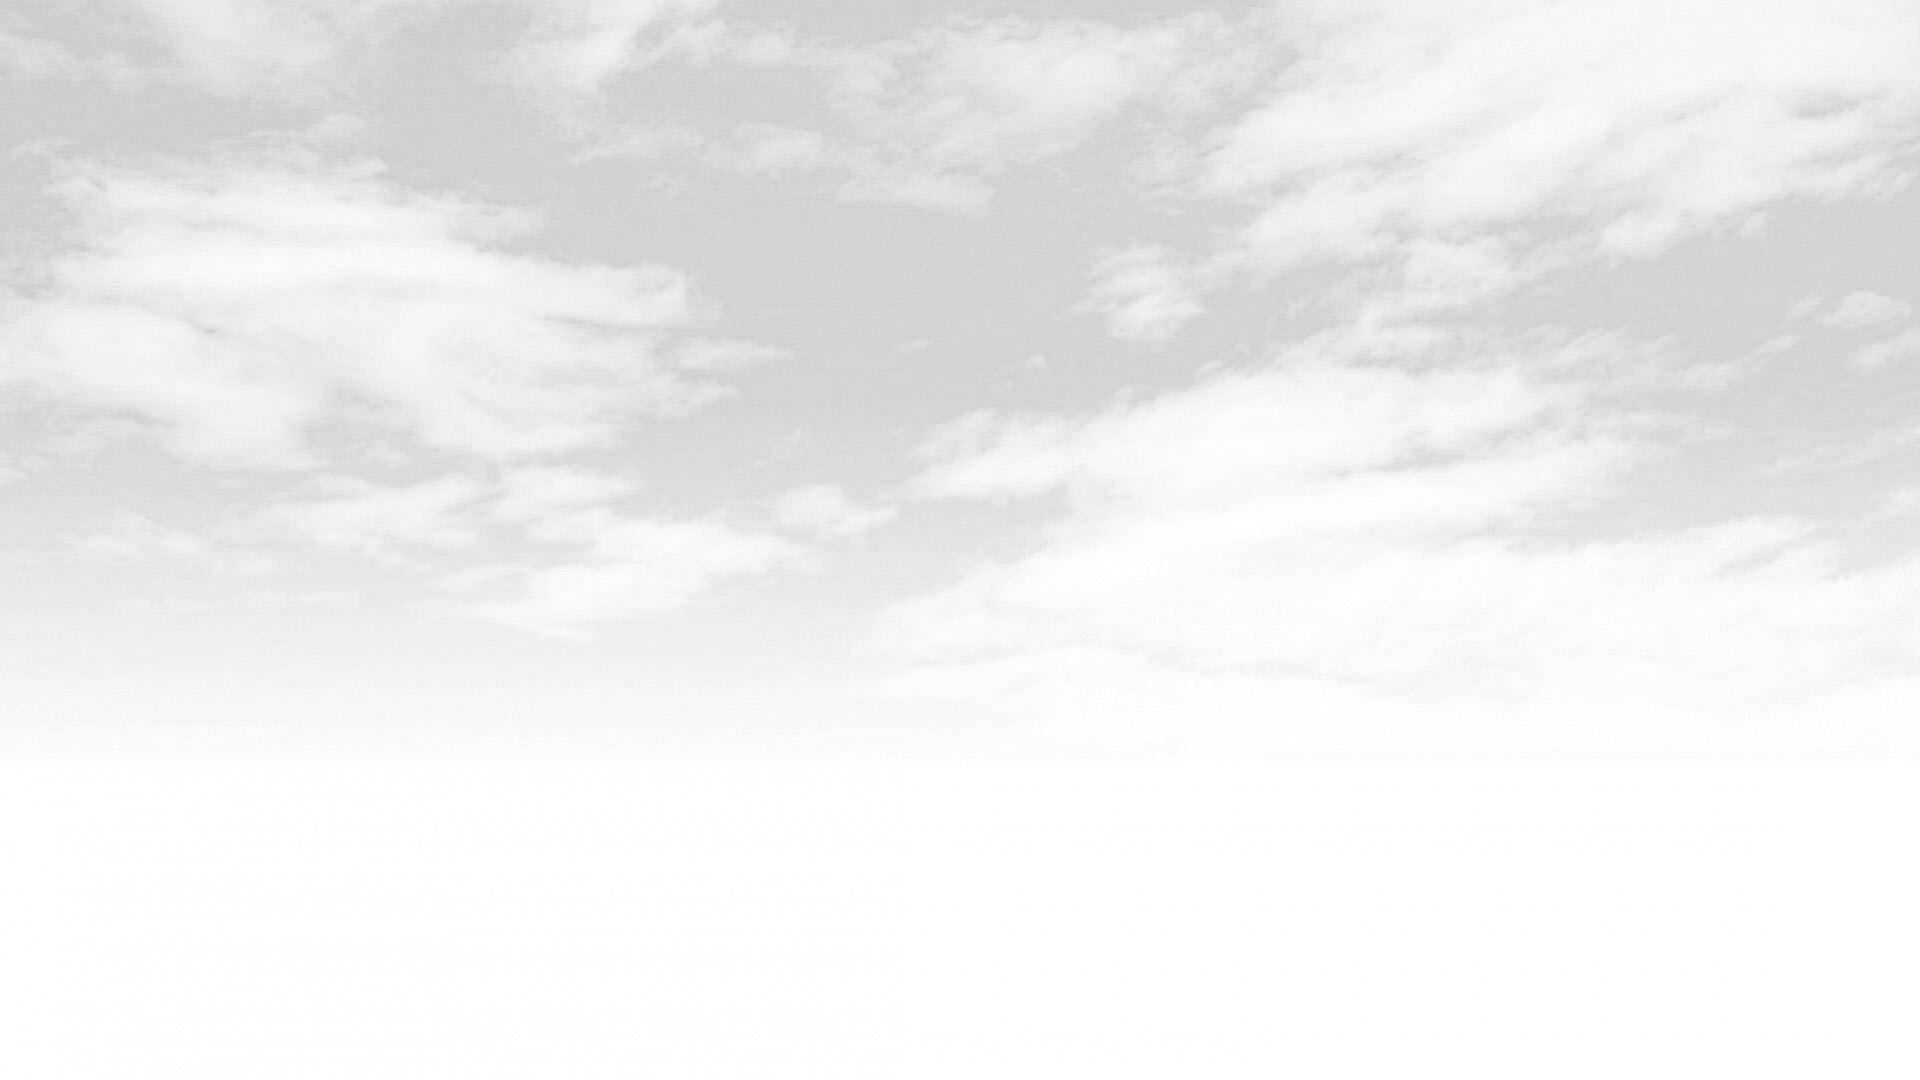 Hình nền trắng đẹp (66)